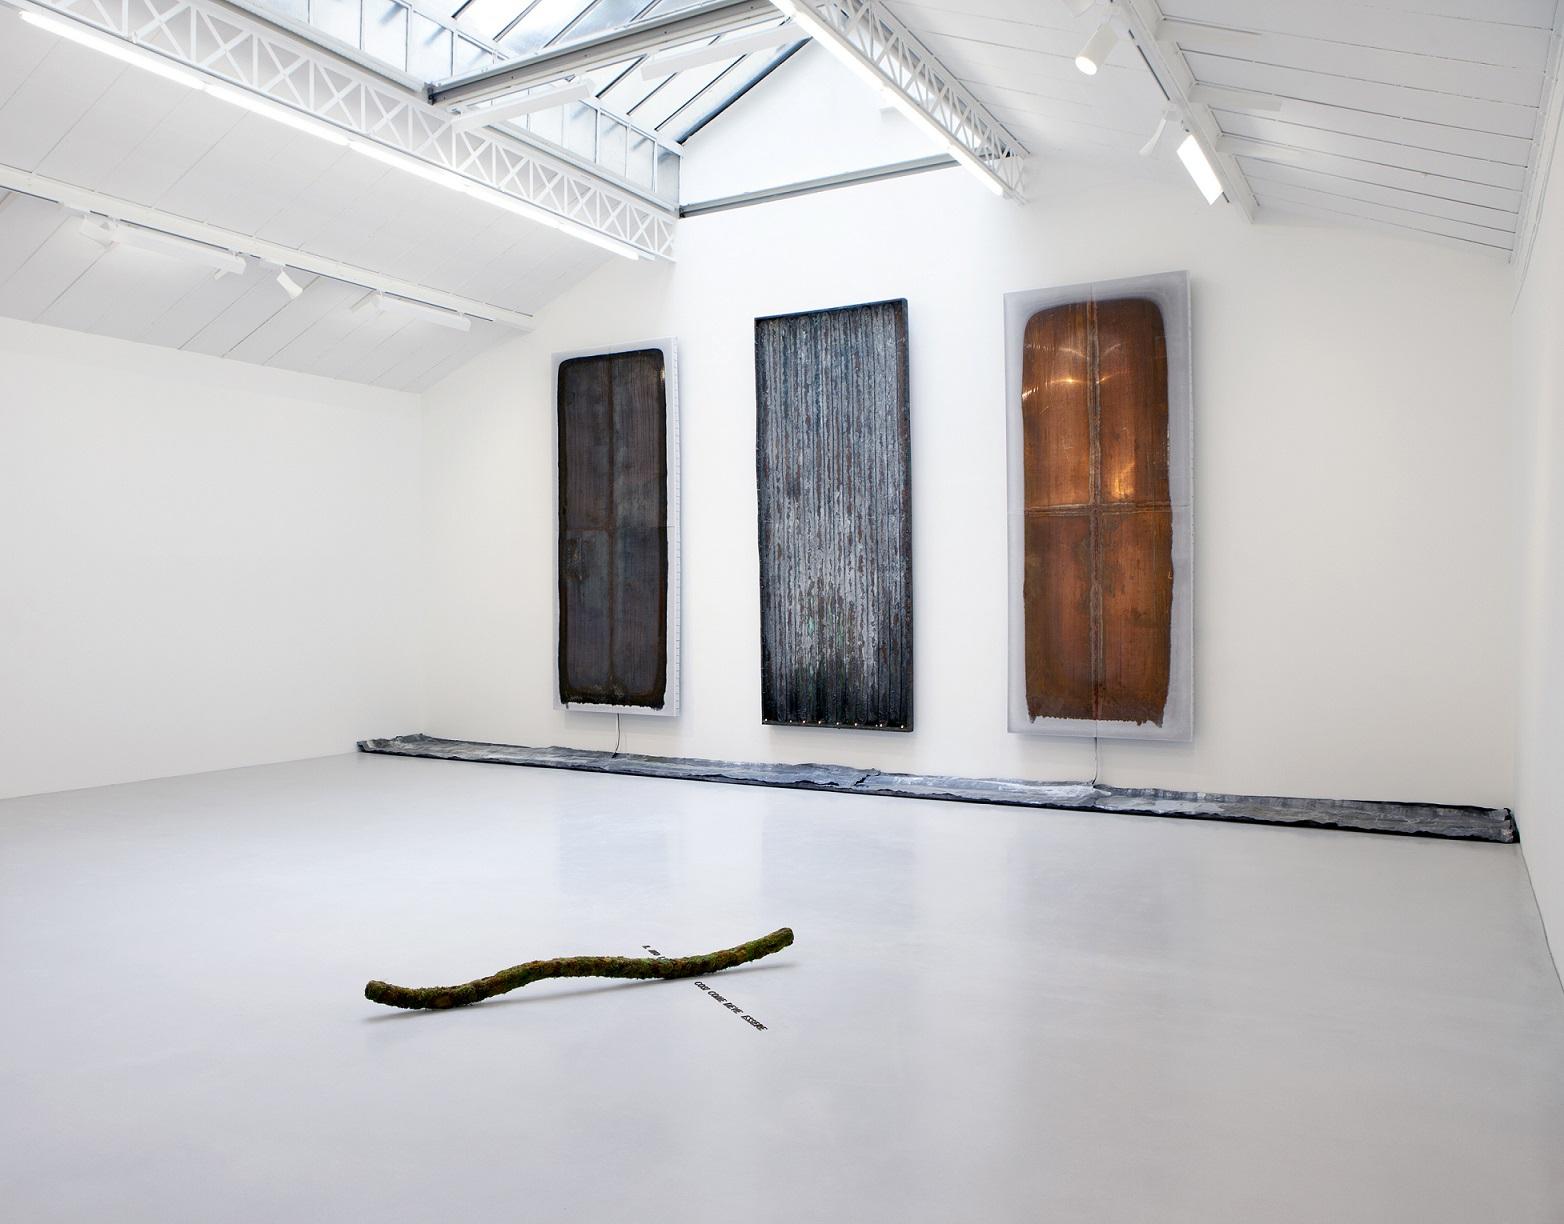 L'art contemporain en quête de respectabilité